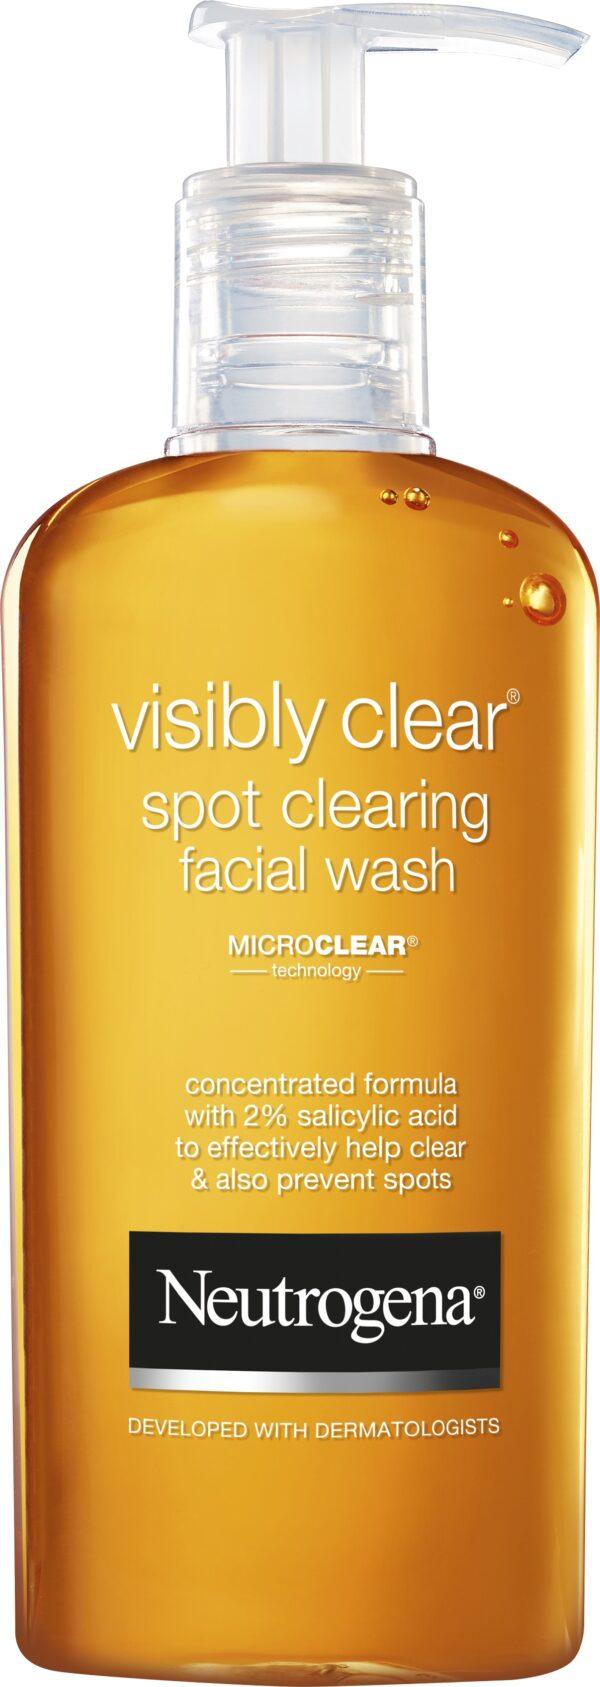 תרחיץ פנים יומי לעור הסובל מפצעונים וראשים שחורים מסדרת ®Visibly Clear